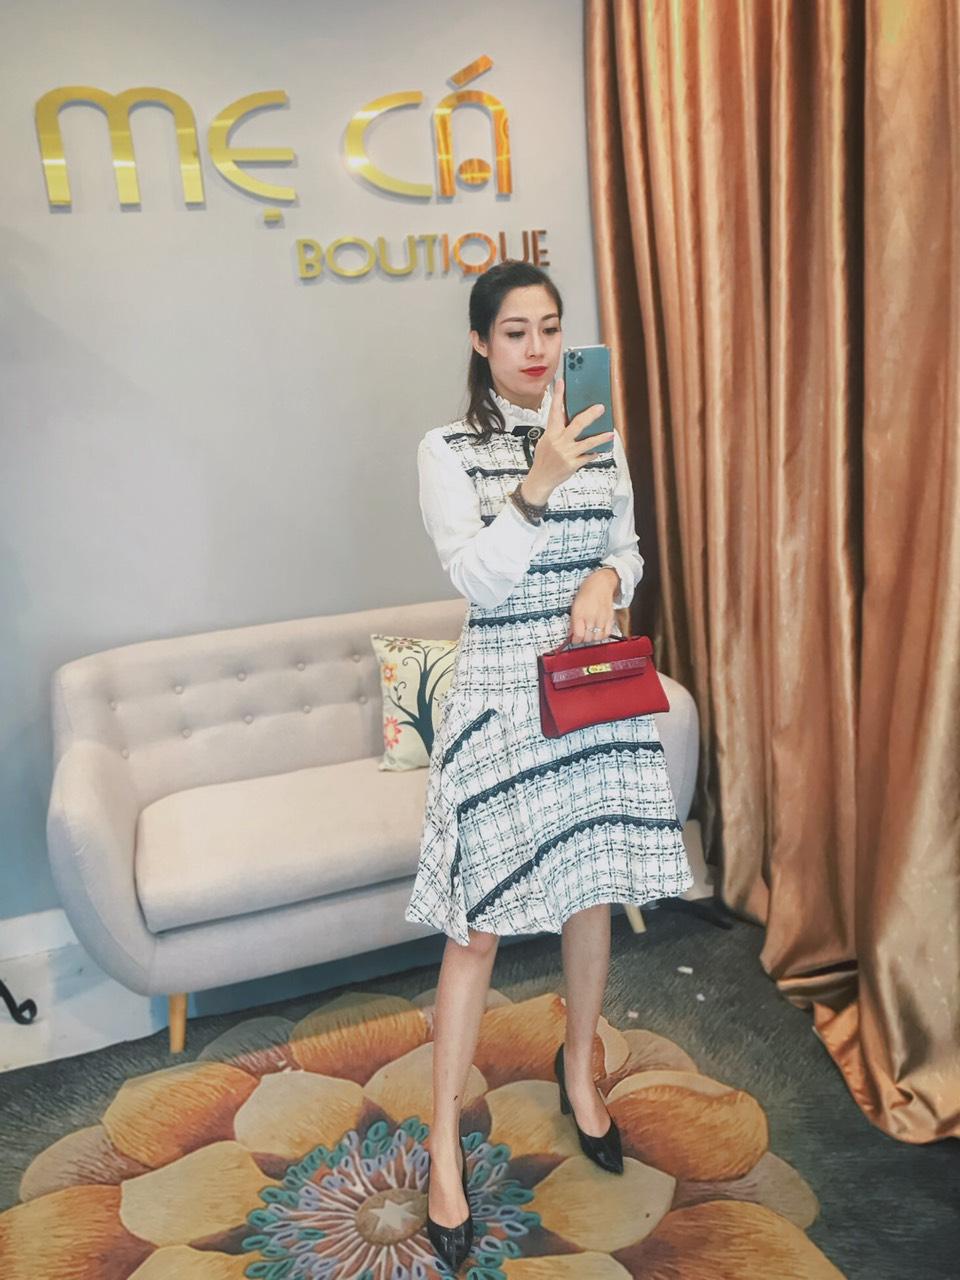 Khám phá cửa hàng thời trang, phụ kiện uy tín - Mẹ Cá Boutique - Ảnh 4